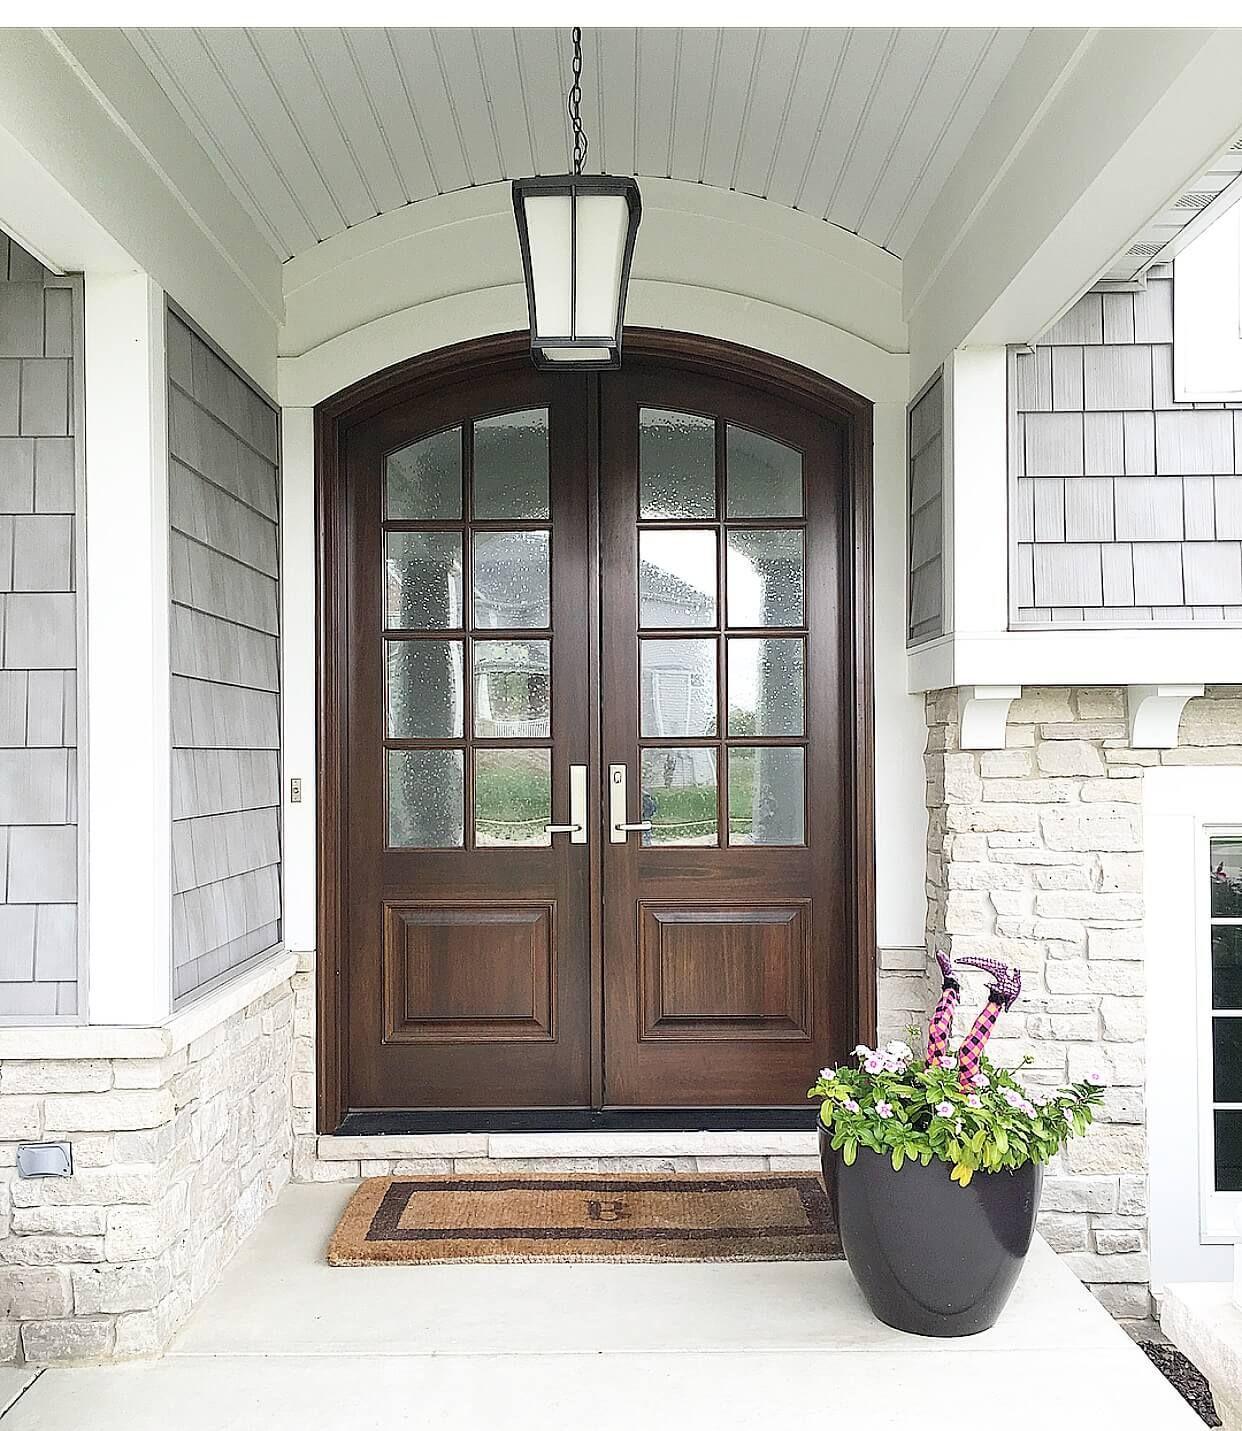 16 Fiberglass Siding Home Design Ideas: Home, House Siding, Exterior